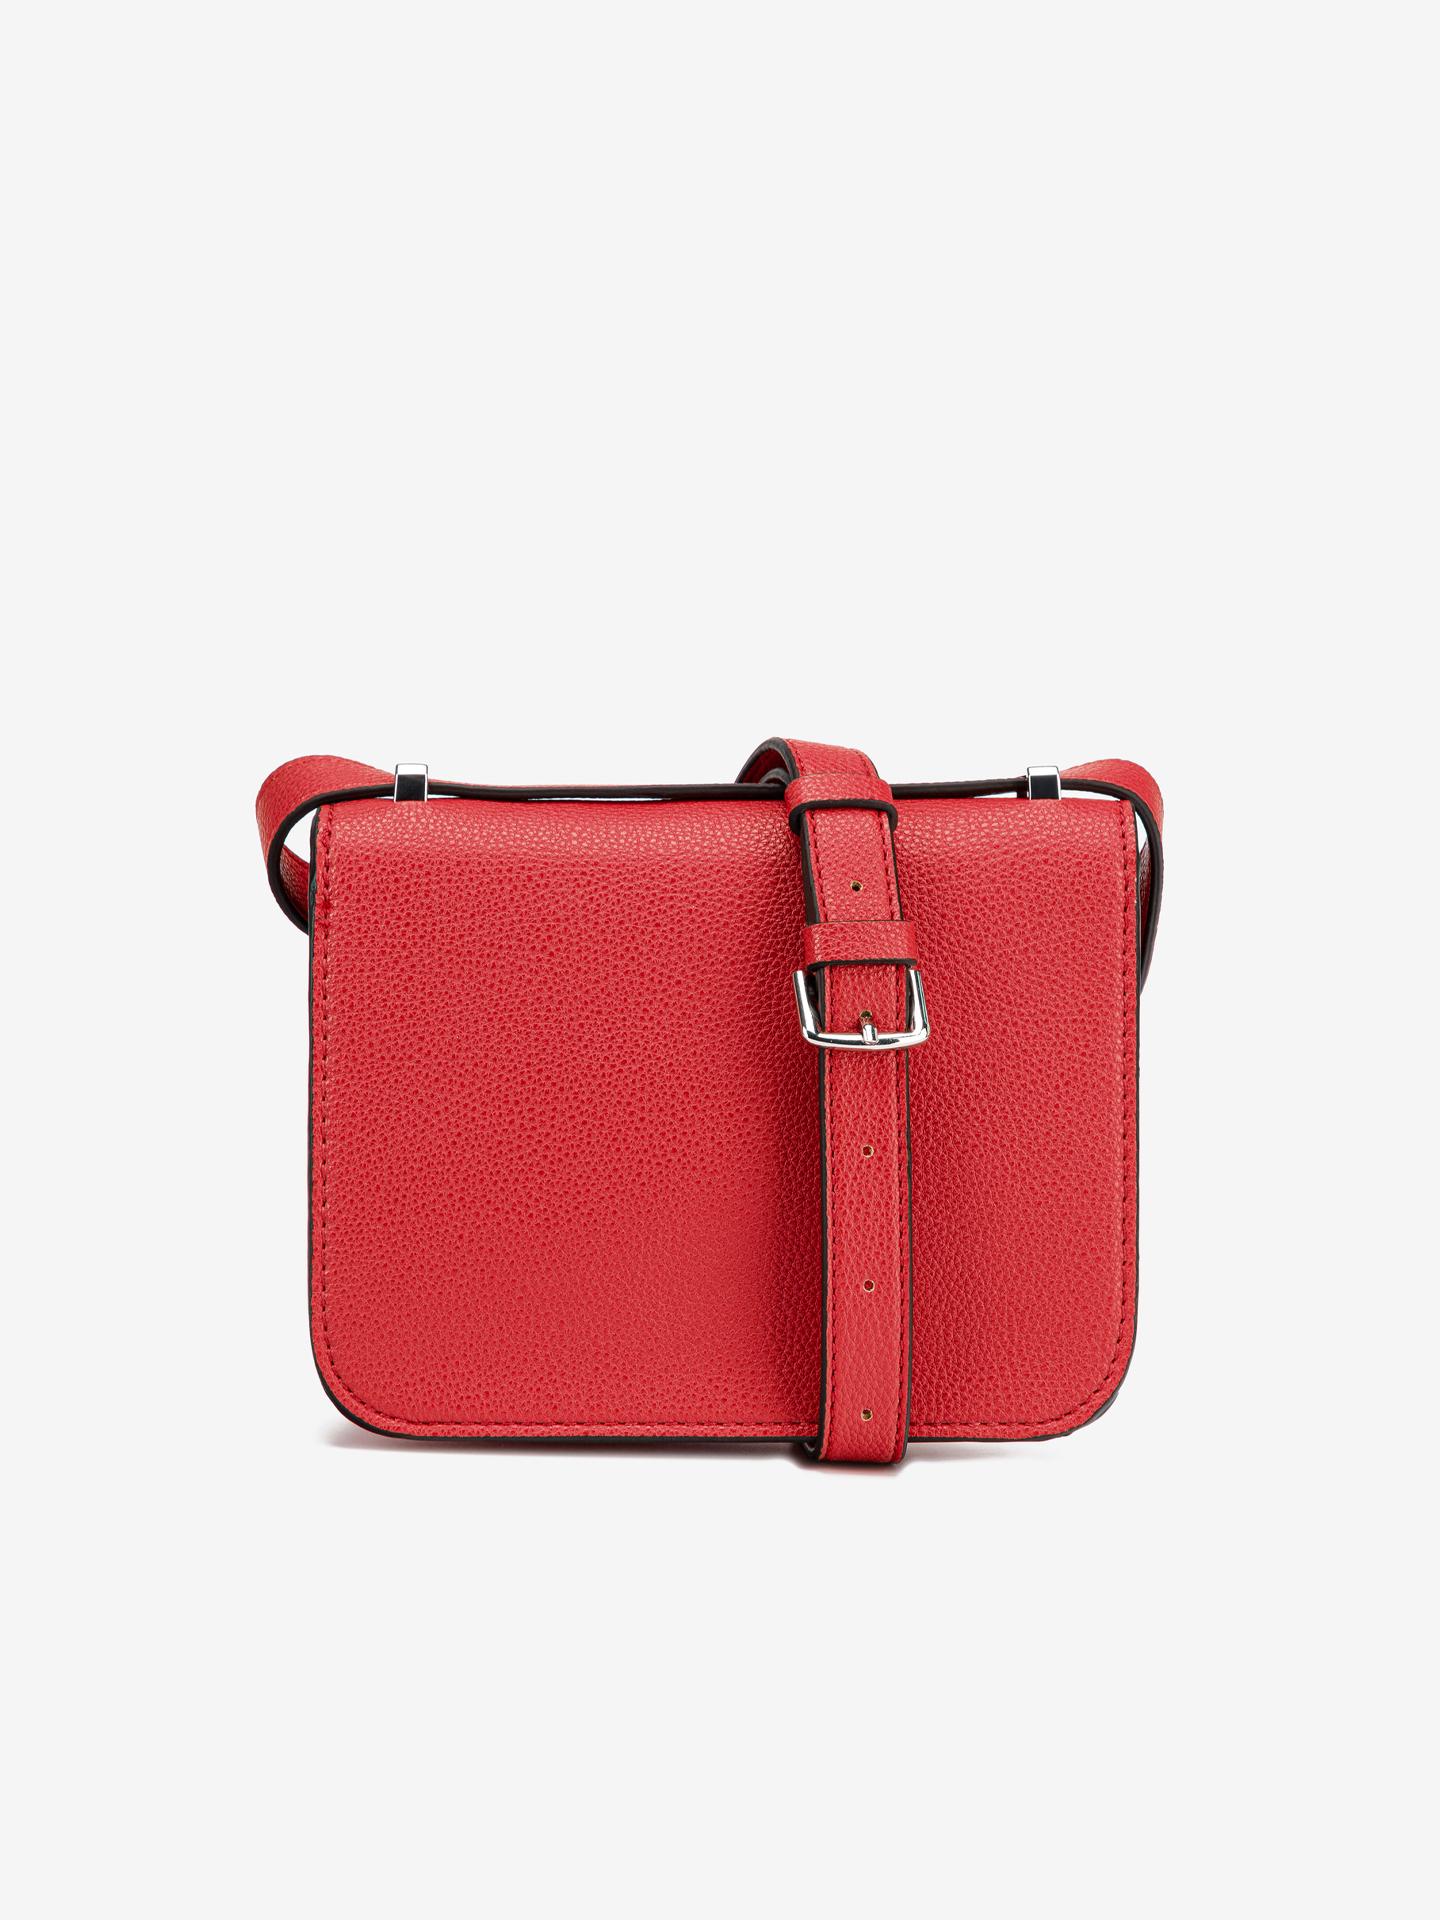 Guess rosso crossbody borsetta Corily